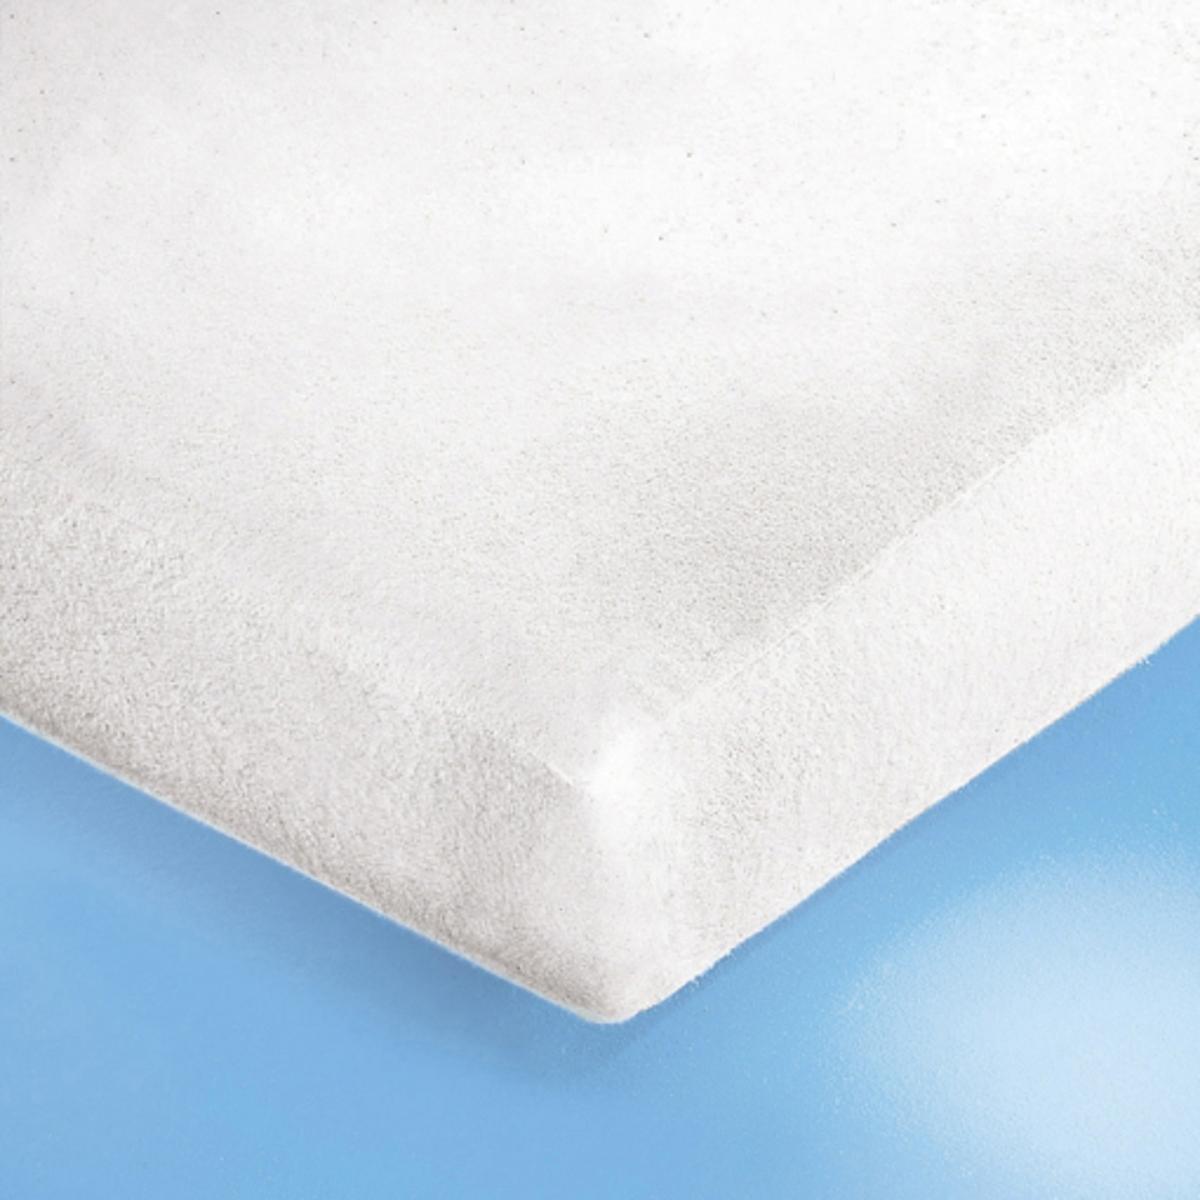 Чехол защитный для матраса из непромокаемого мольтона SANFOR с обработкой Passerelle® цена